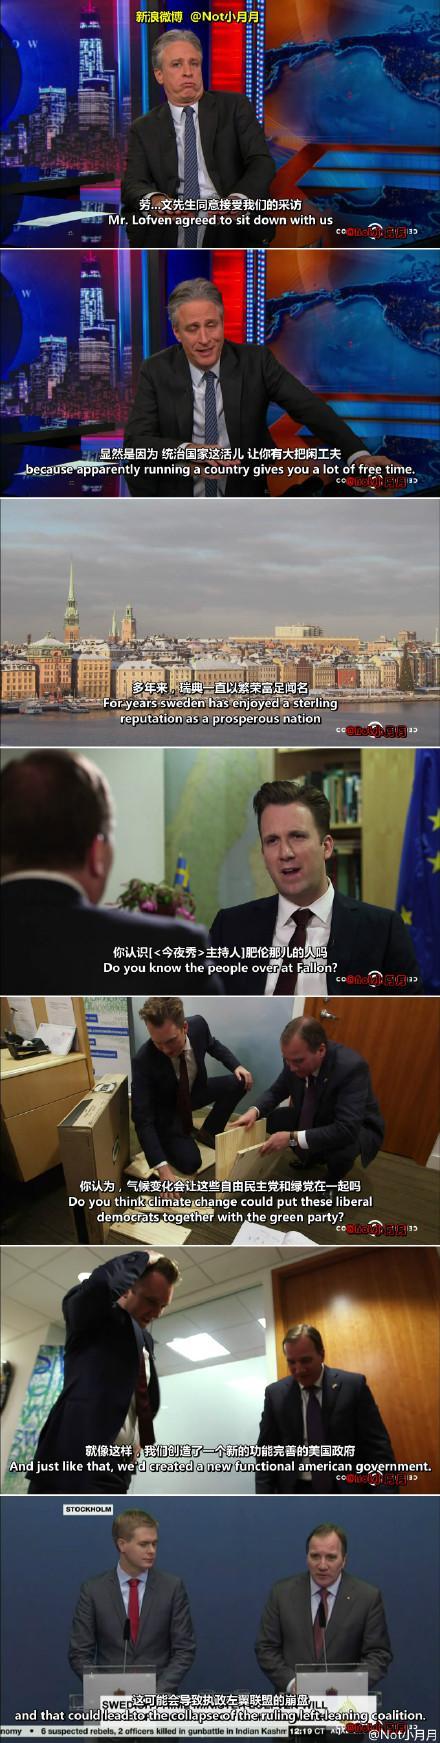 囧司徒每日秀 2014.12.15 干儿子协同瑞典新任首相拯救美国